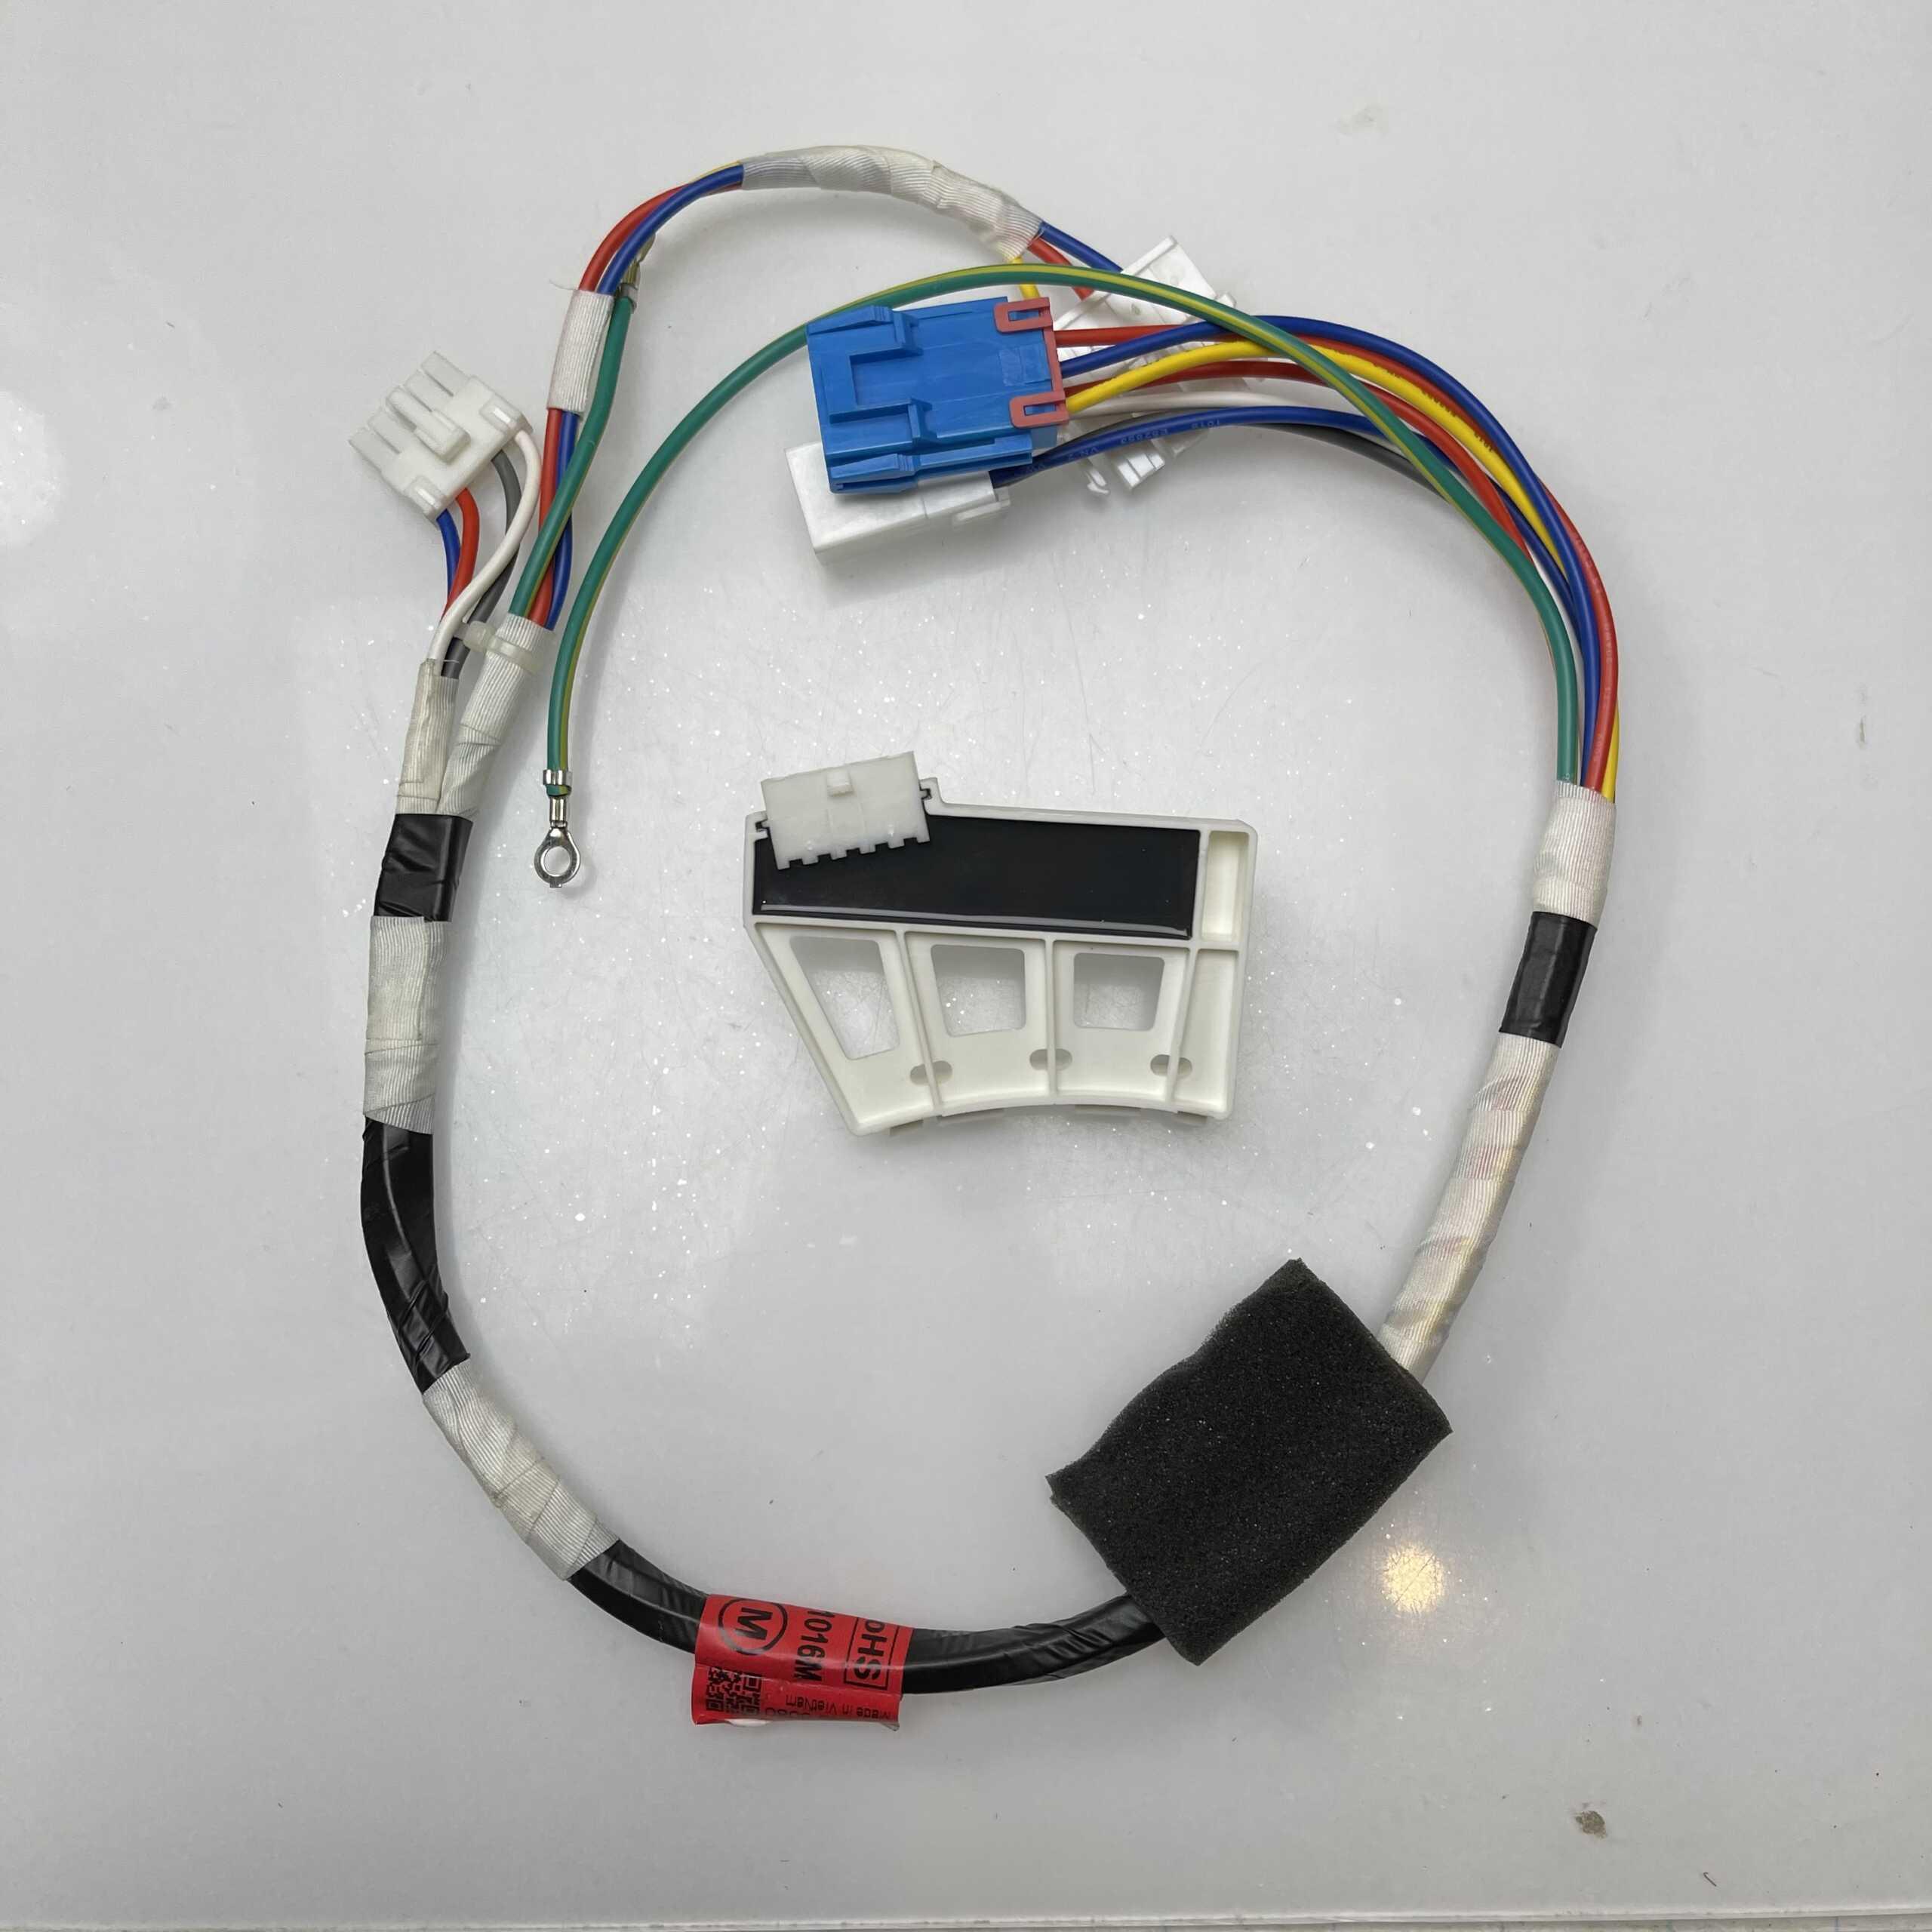 LG LE Code Repair Kit